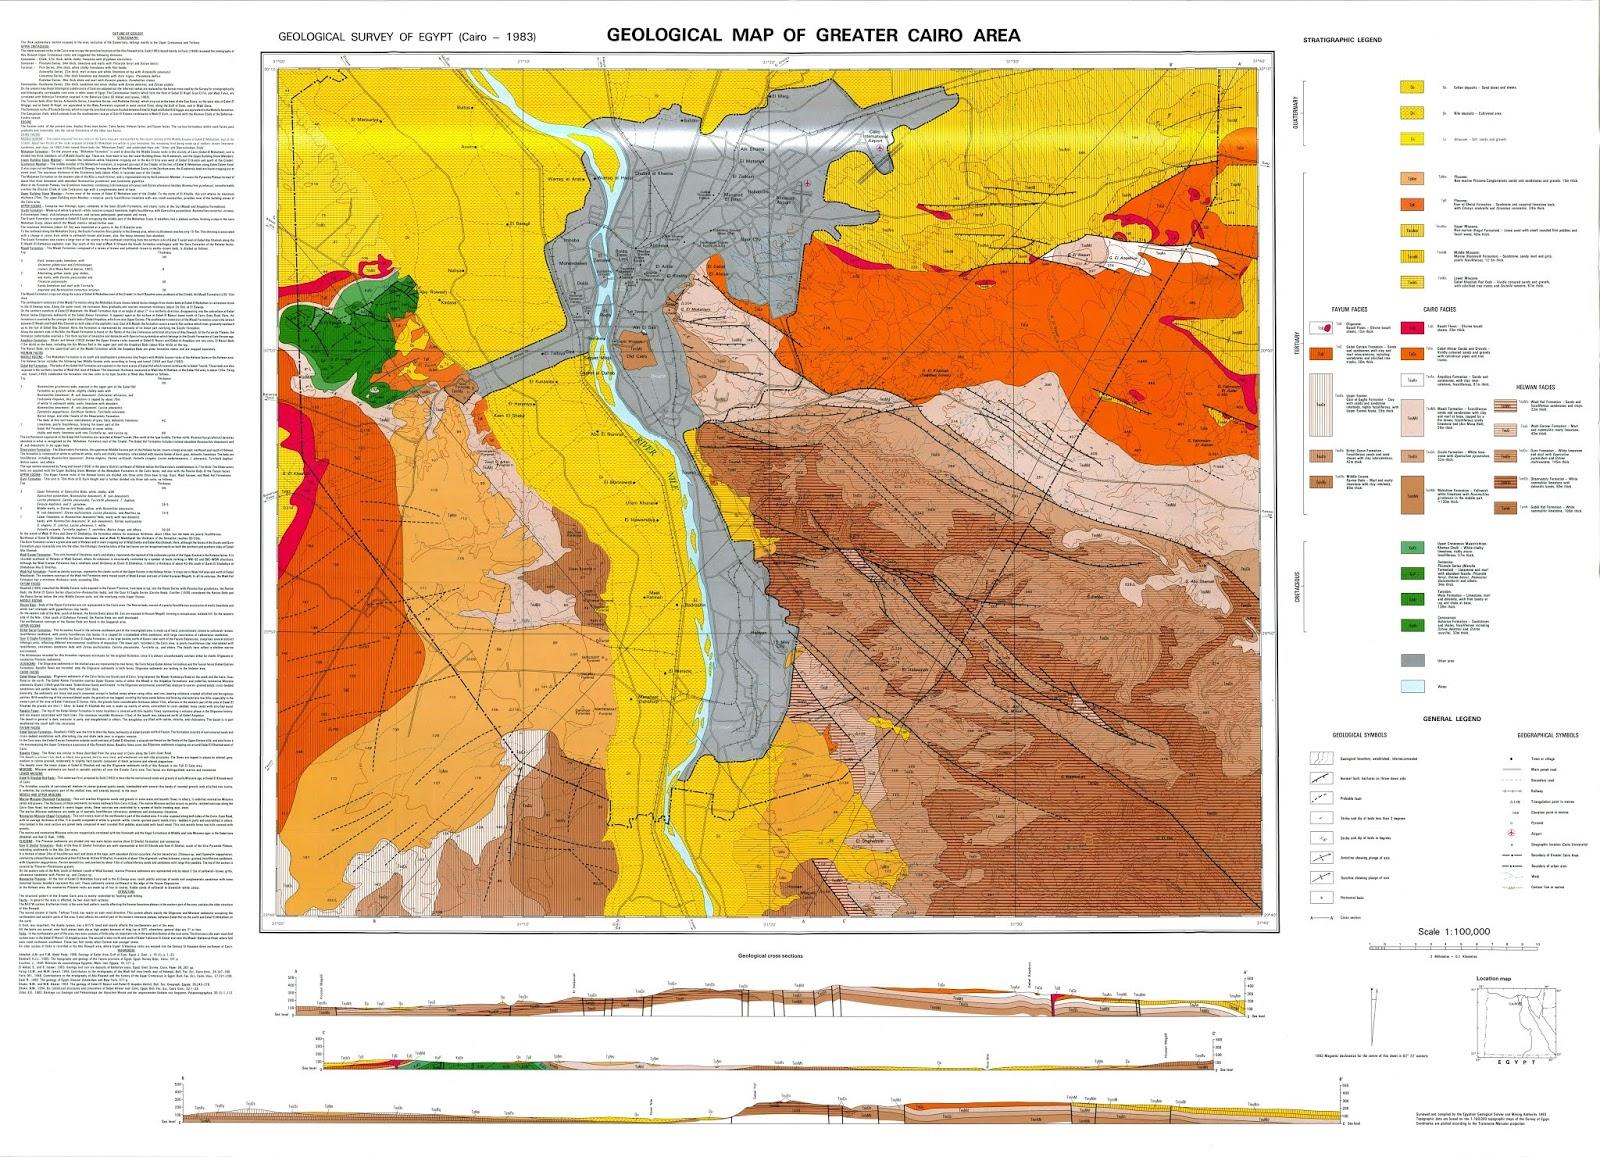 الجغرافيا دراسات و أبحاث جغرافية خريطة مصر الجيولوجية القاهرة 1983 Map Cairo Geology